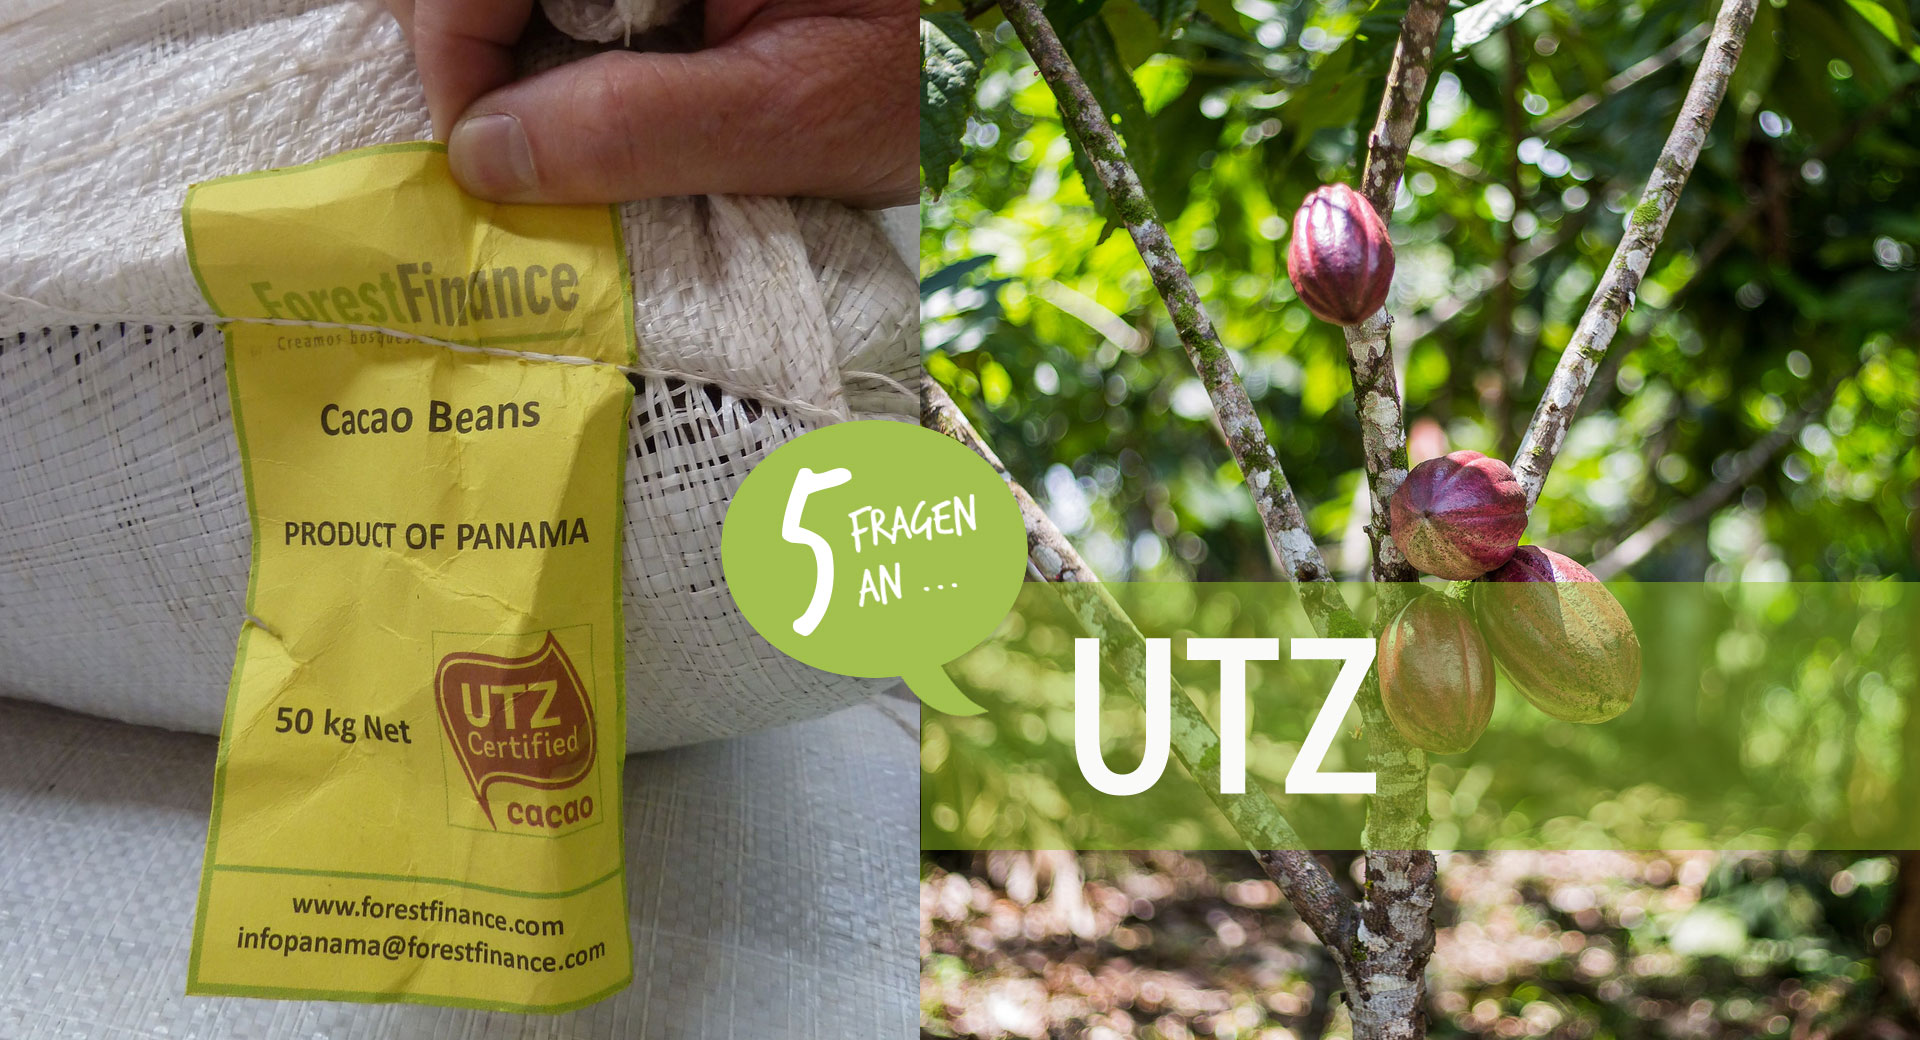 Der ForestFinance-Edelkakao aus Panama und Peru ist UTZ-zertifiziert. Foto: ForestFinance